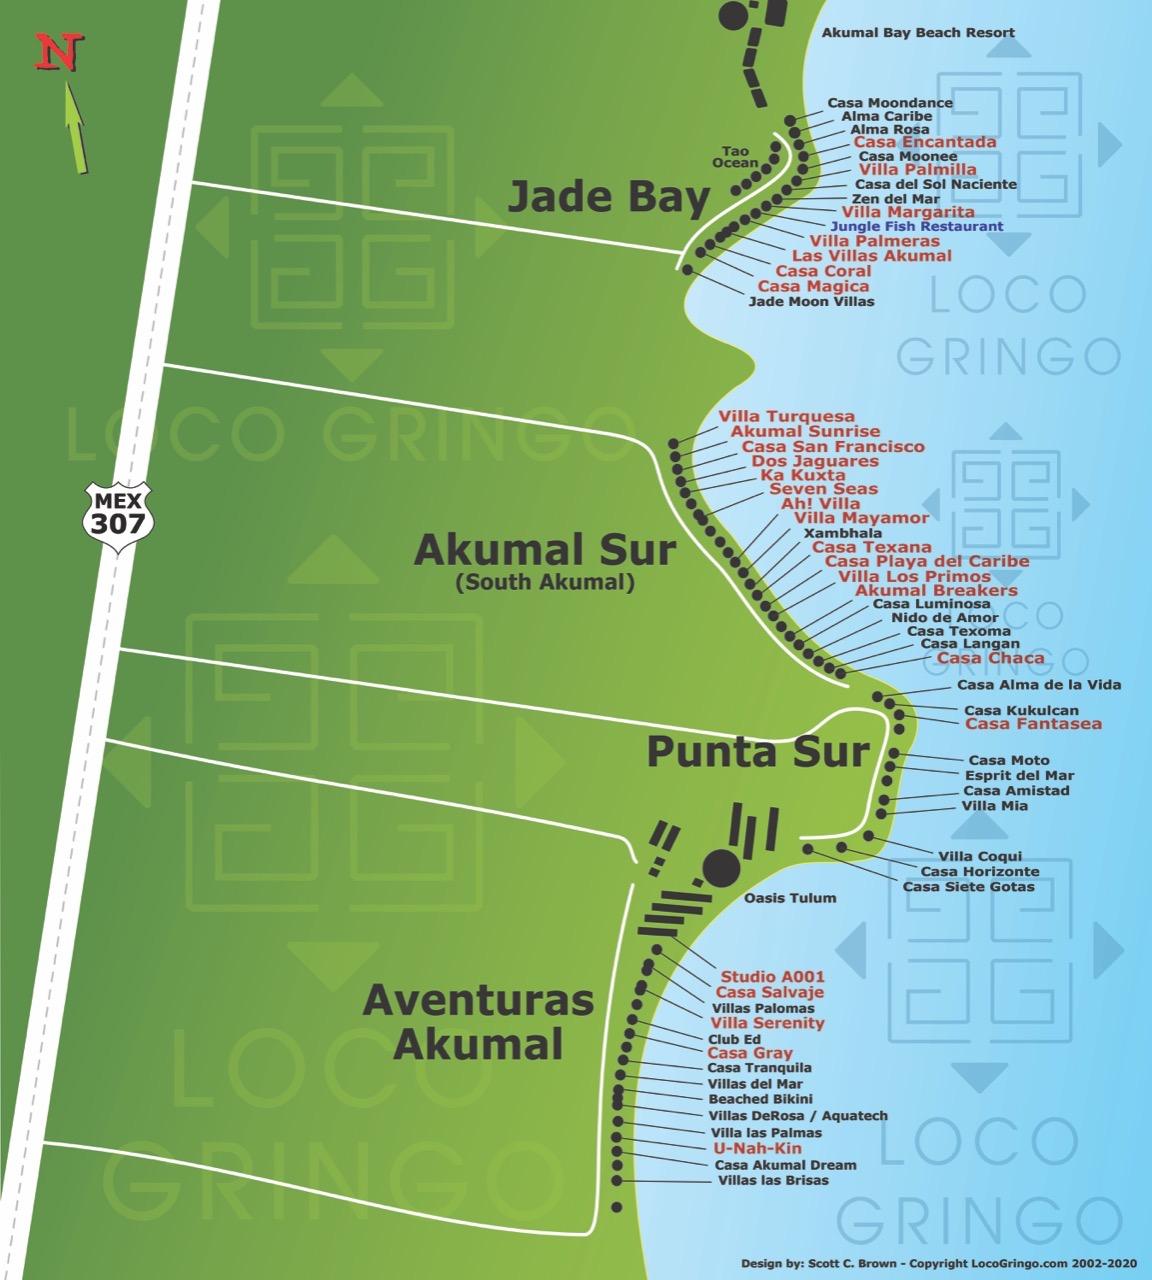 Jade Beach, South Akumal, Aventuras Akumal Map